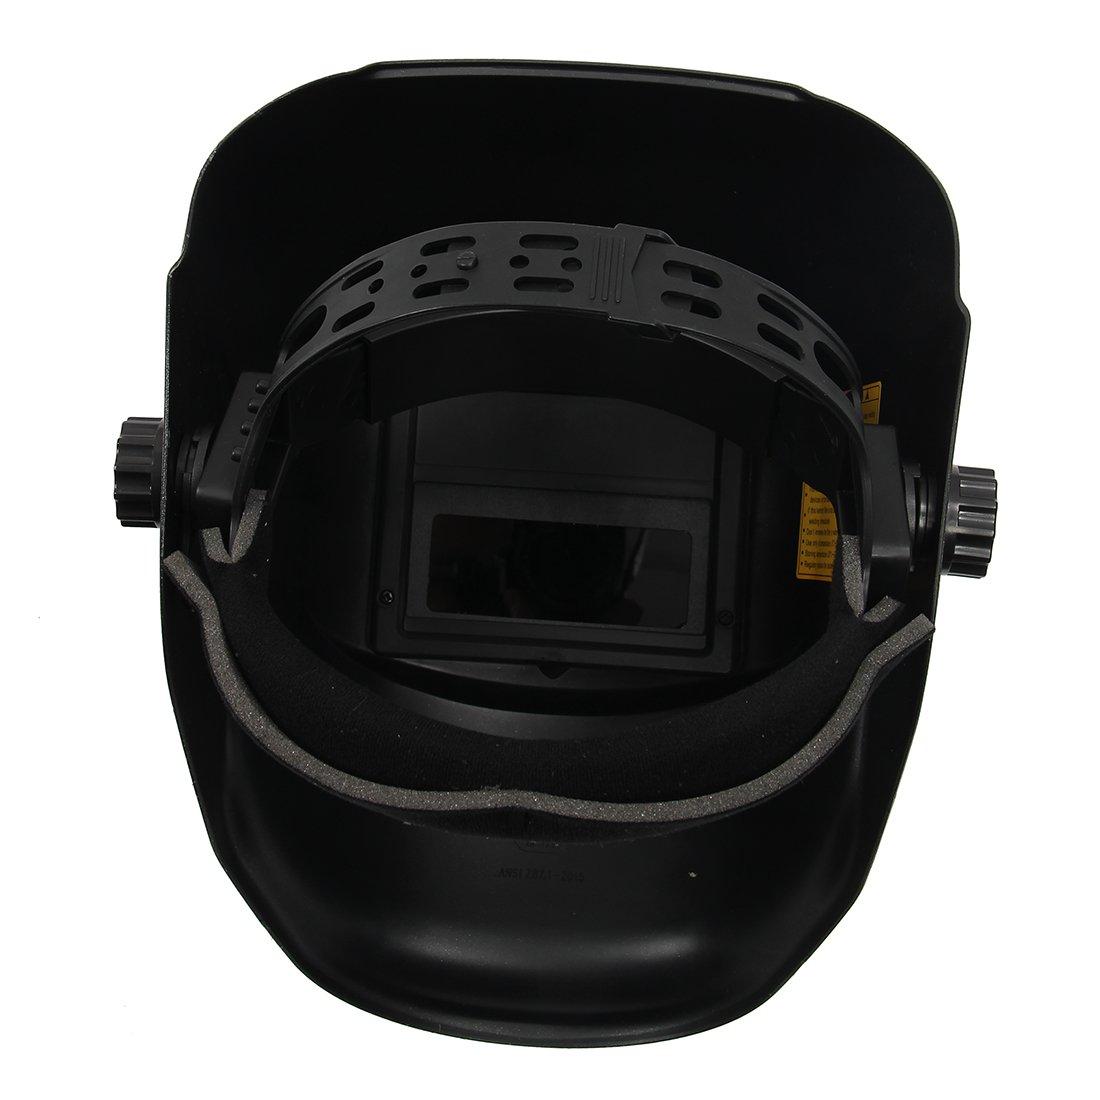 Casco de soldadura - SODIAL(R)Casco de soldadura de oscurecimiento automatico solar TIG MIG Soldador Mascara de pulido de lentes: Amazon.es: Bricolaje y ...